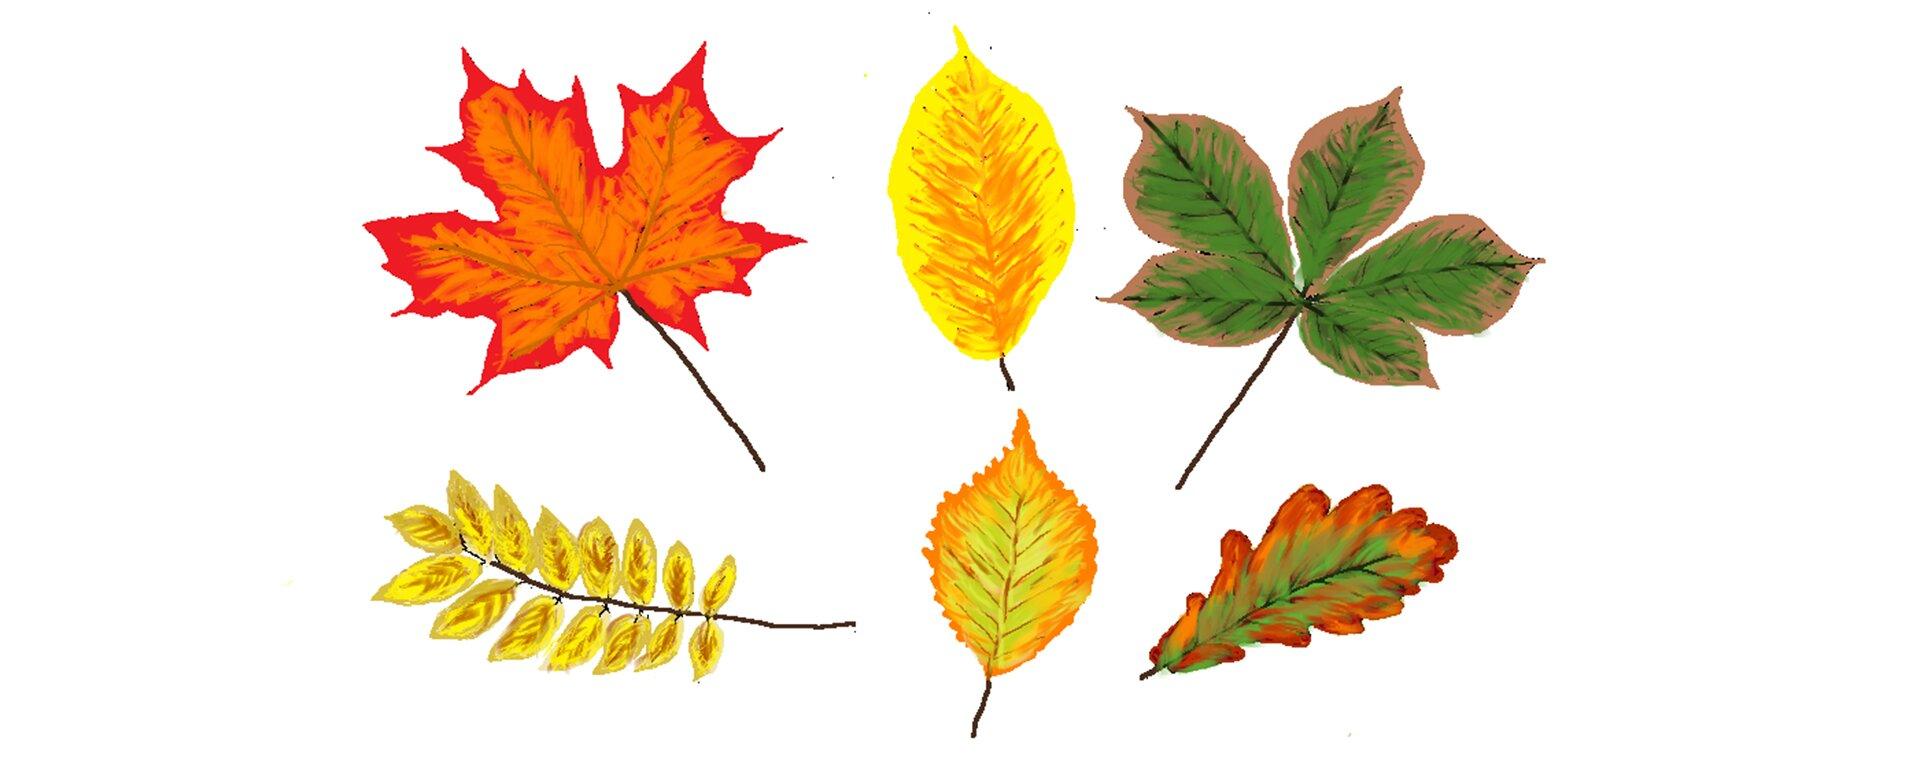 Ilustracja przedstawiająca liście wypełnione pędzlem